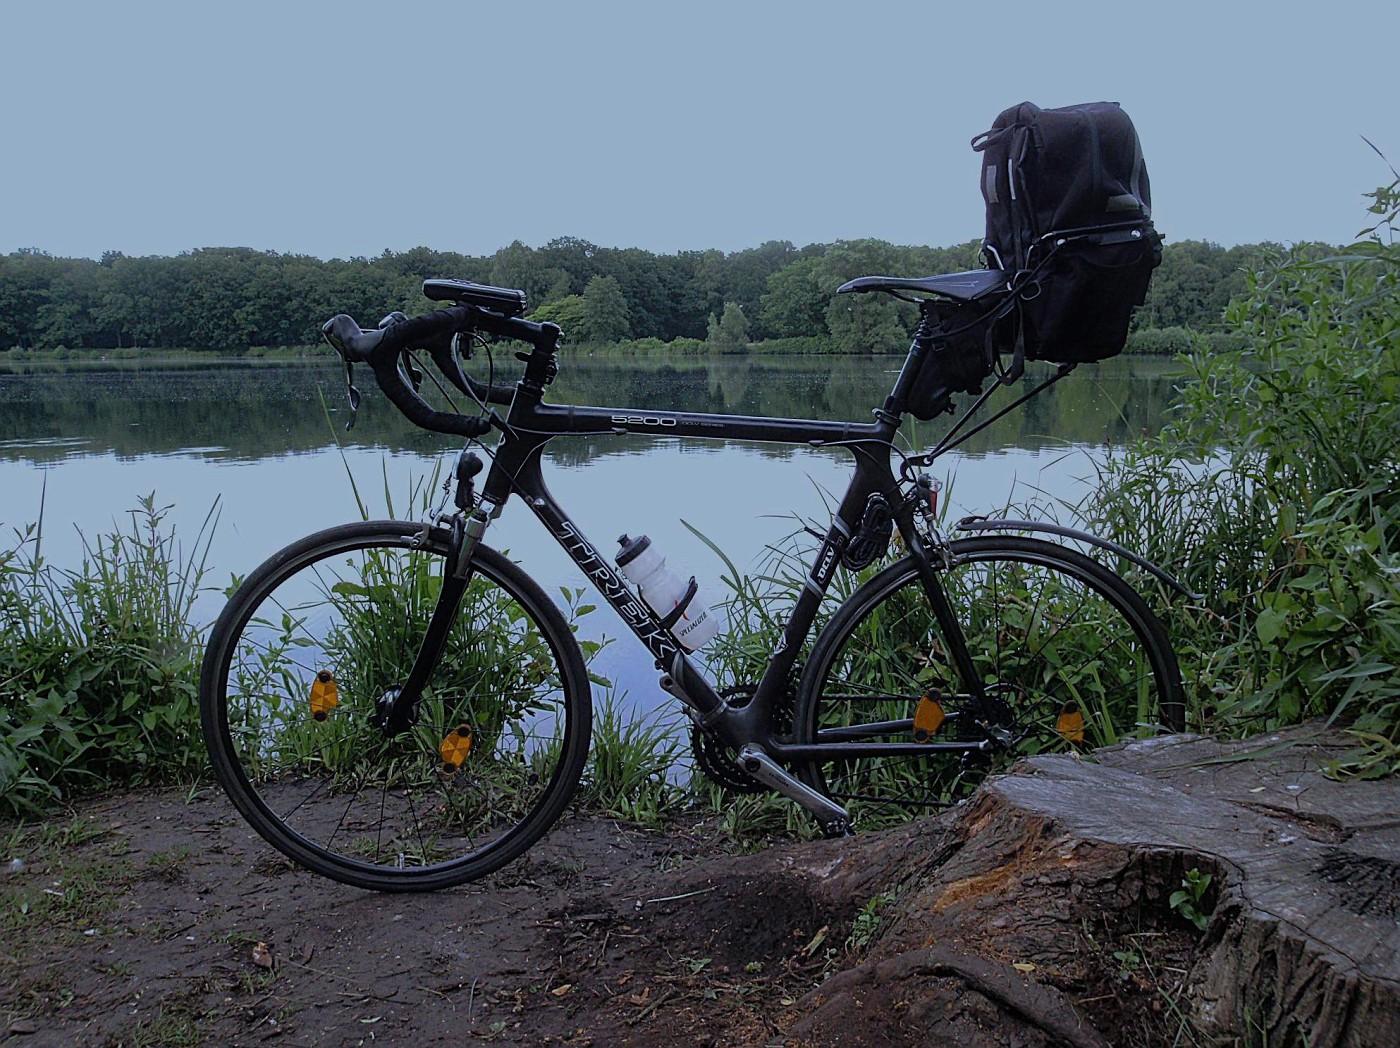 Der treue Freund am Rubbenbruch-See :-)